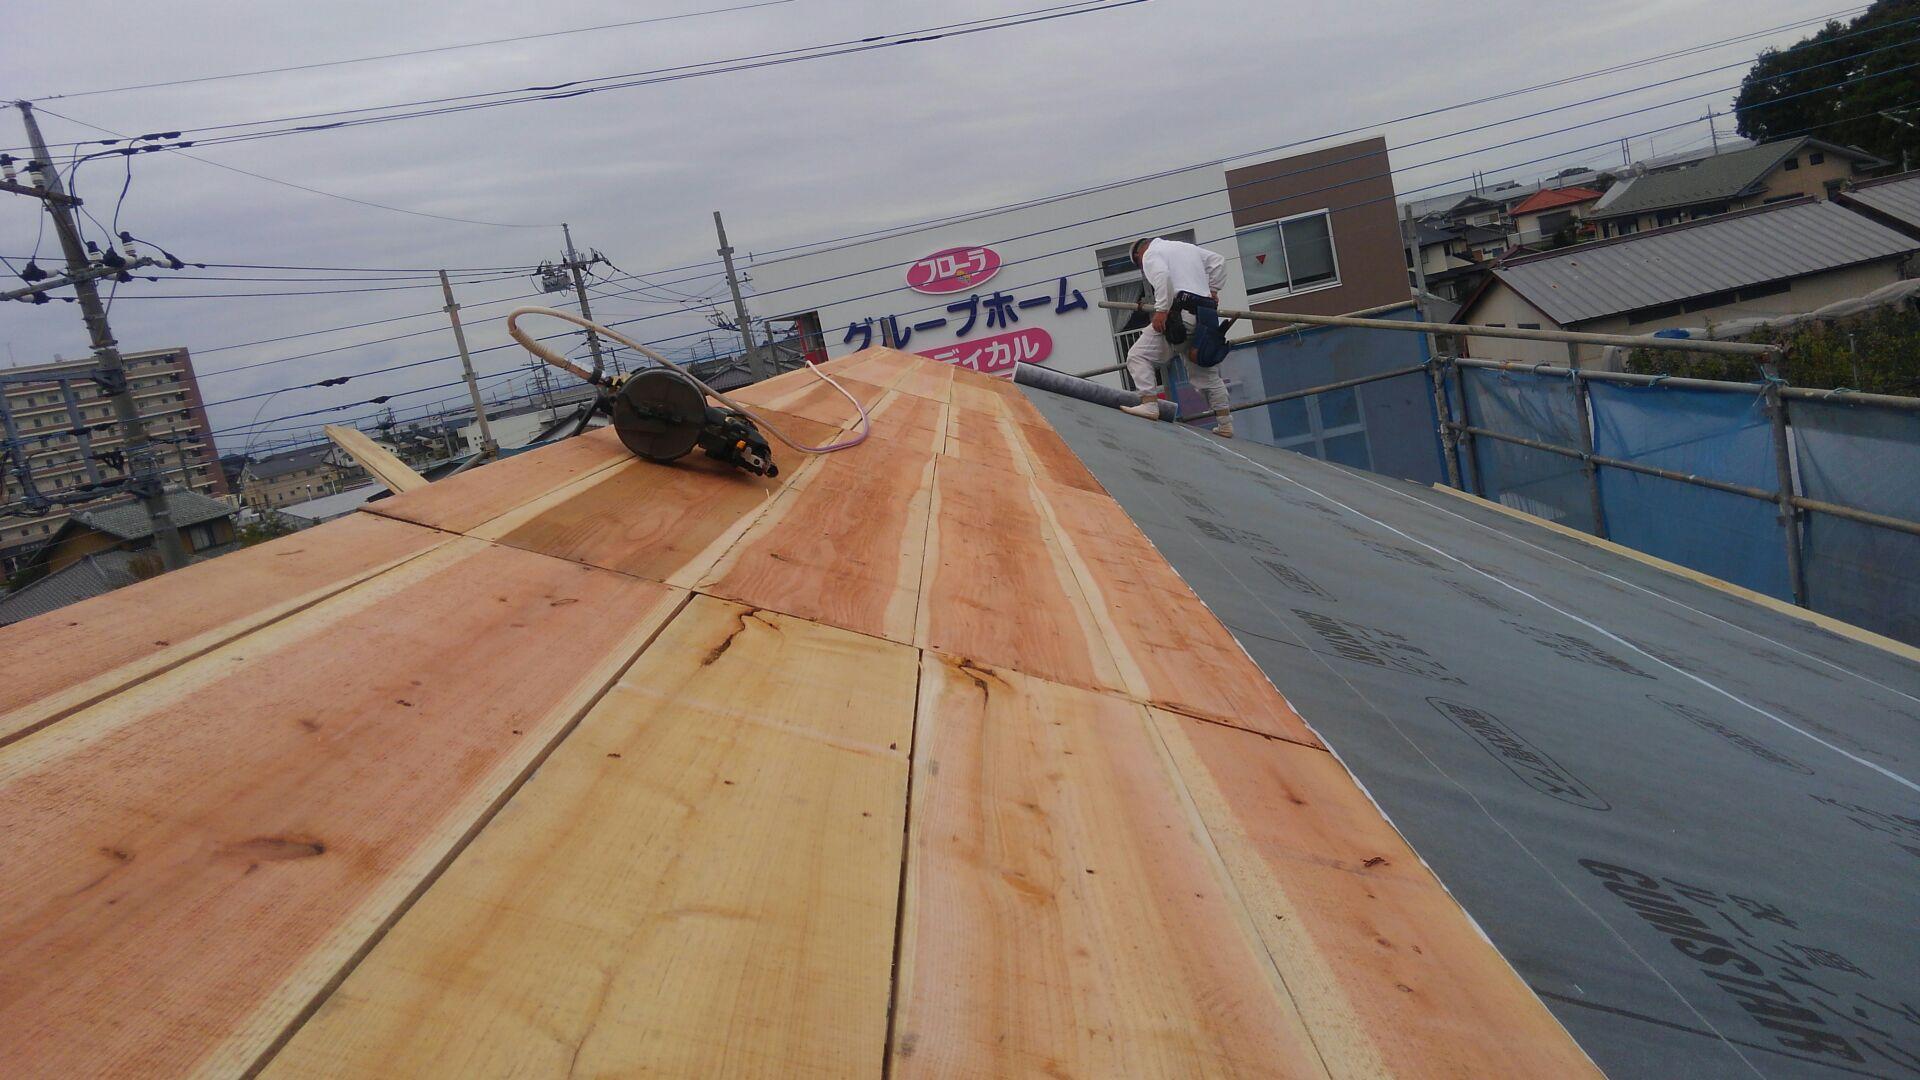 ザラ板は、木裏を上に施工です。